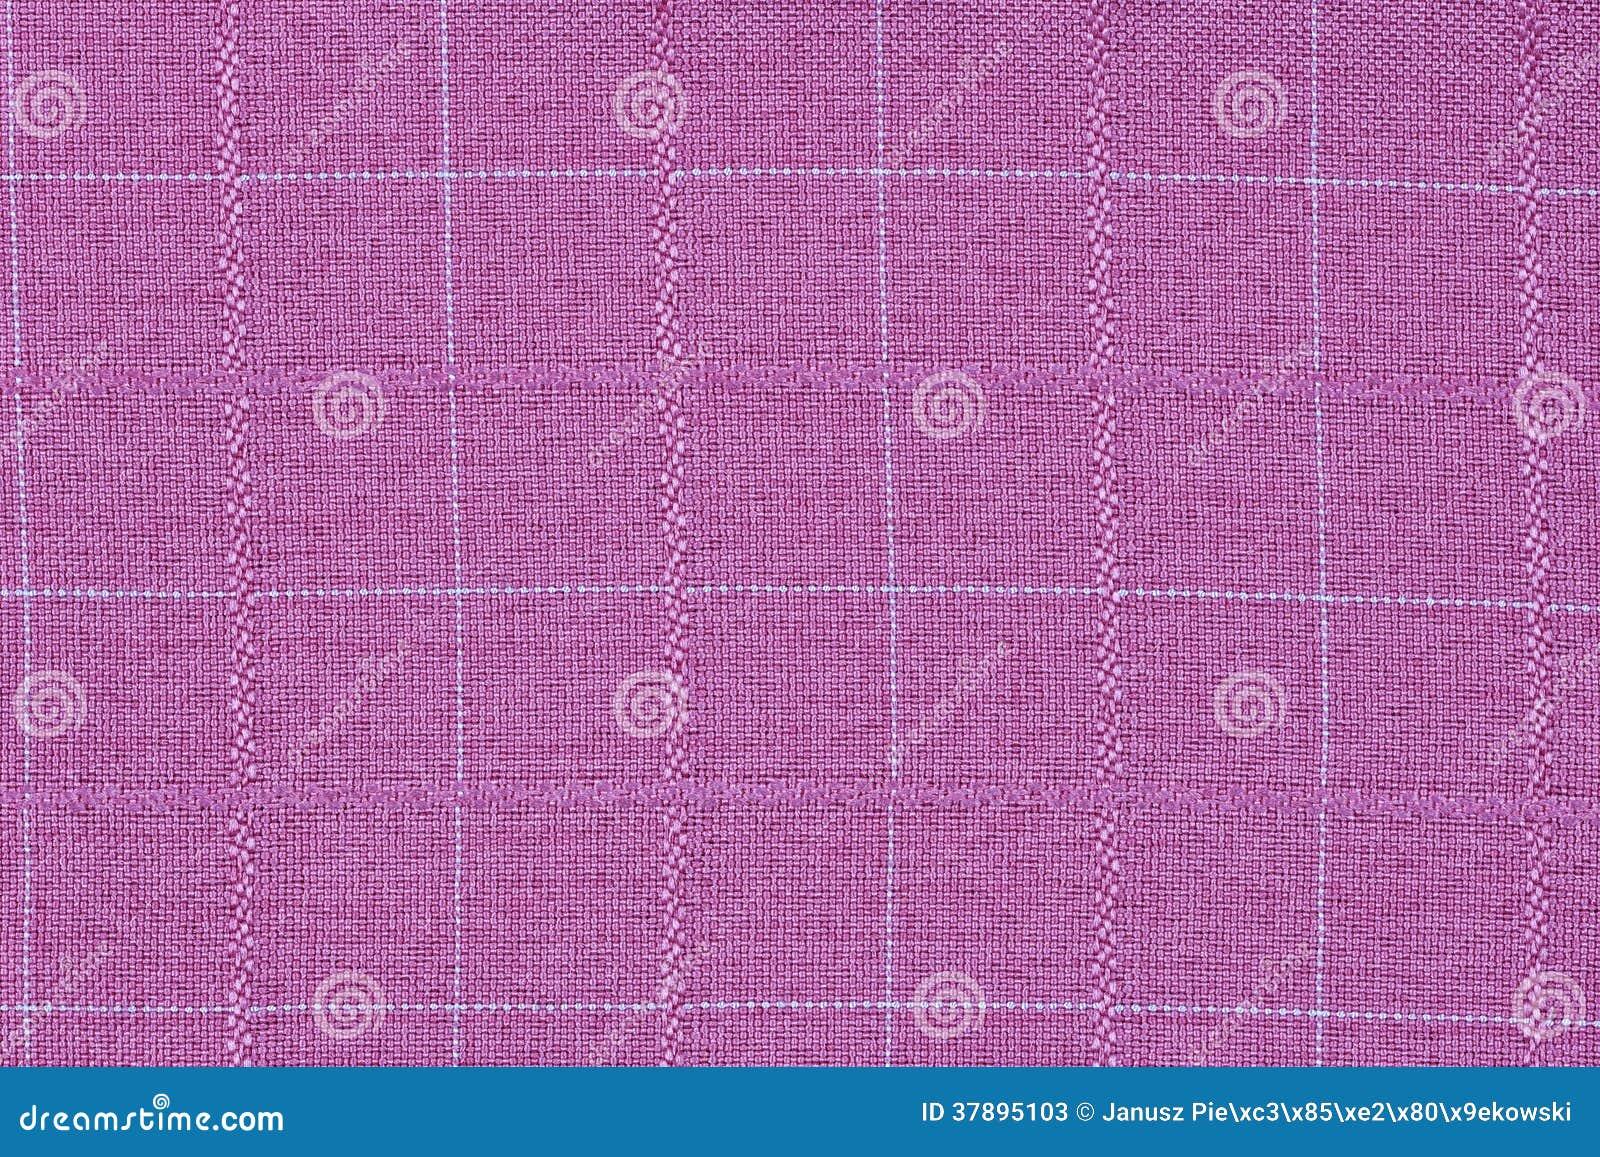 Розовый материал в решетку, предпосылку ткани